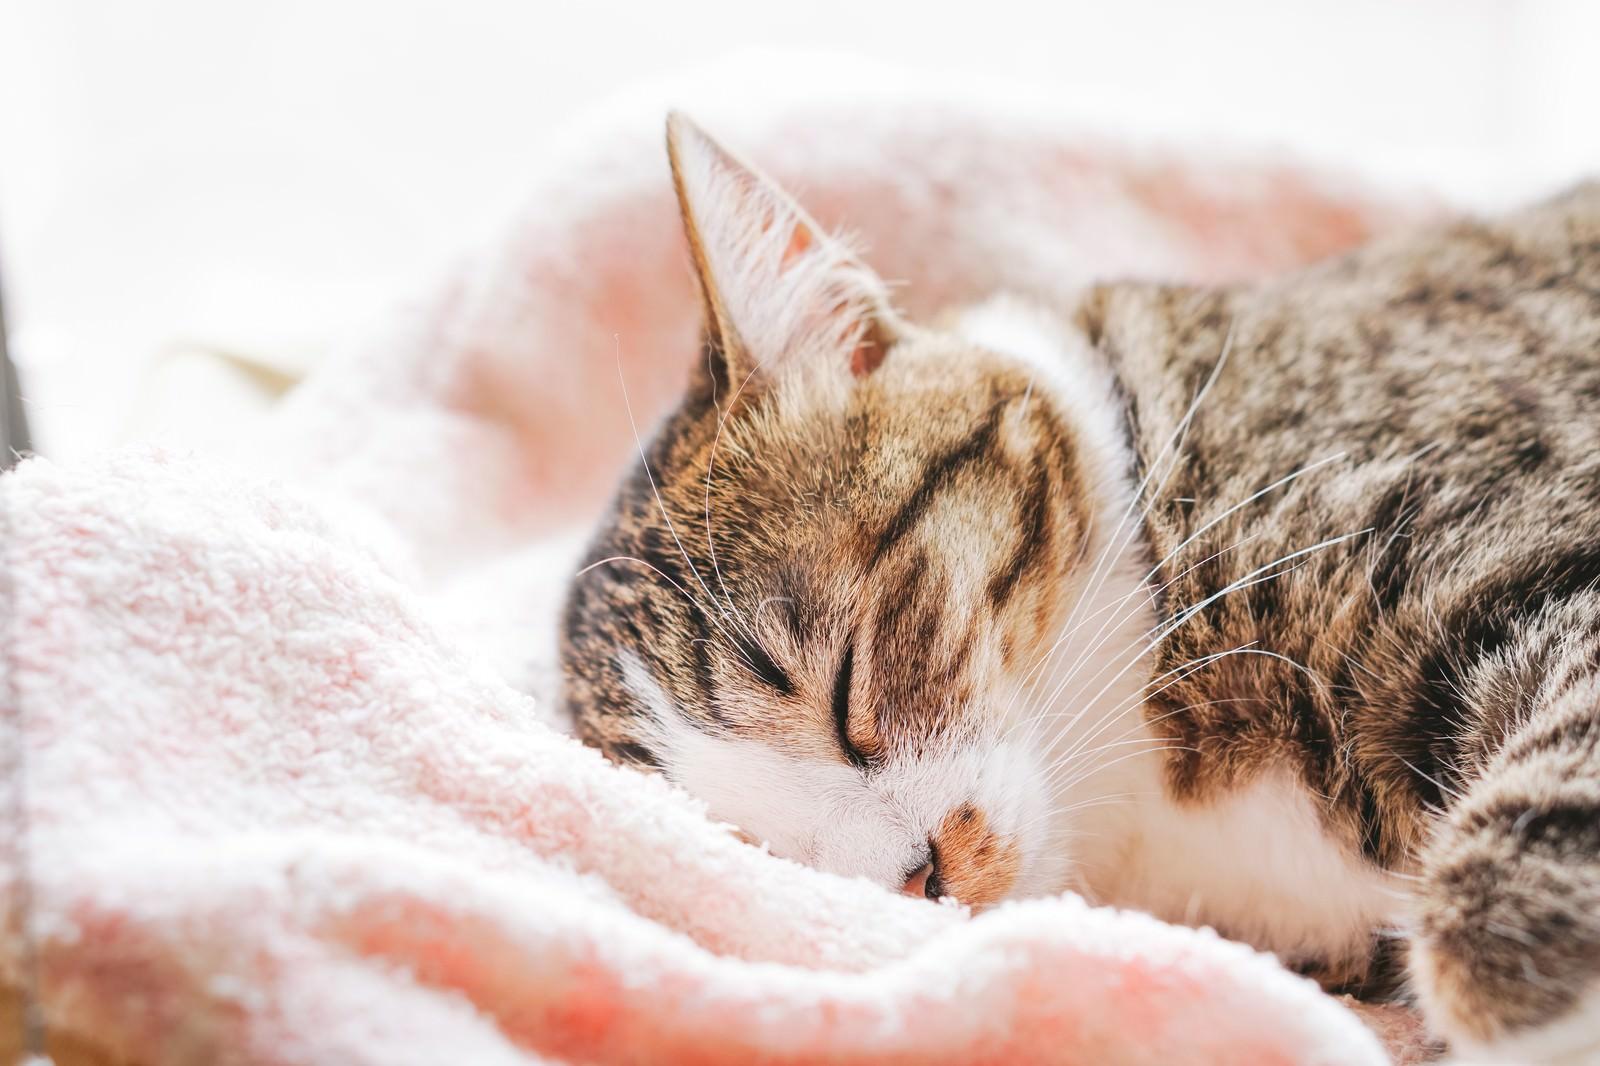 「ふわふわタオルで眠る猫」